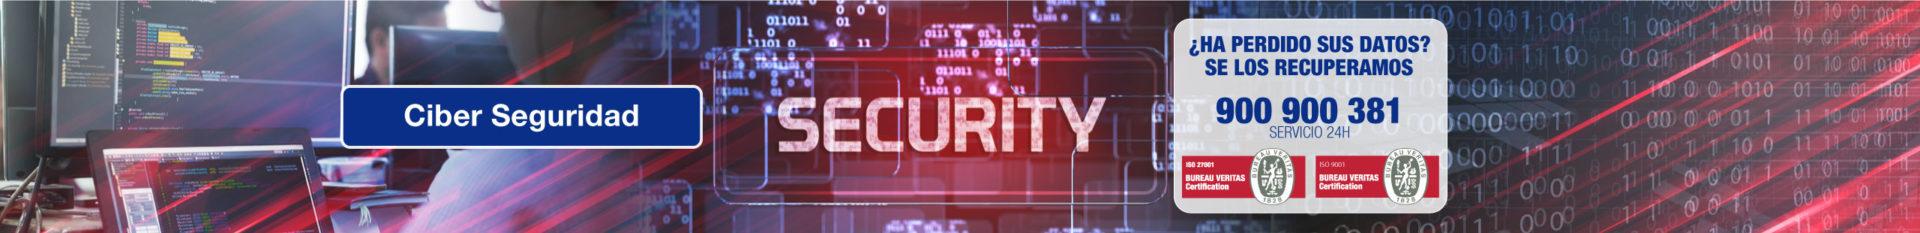 AAFF_CiberSeguridad_GALERIA_2560x310px_OR_VF